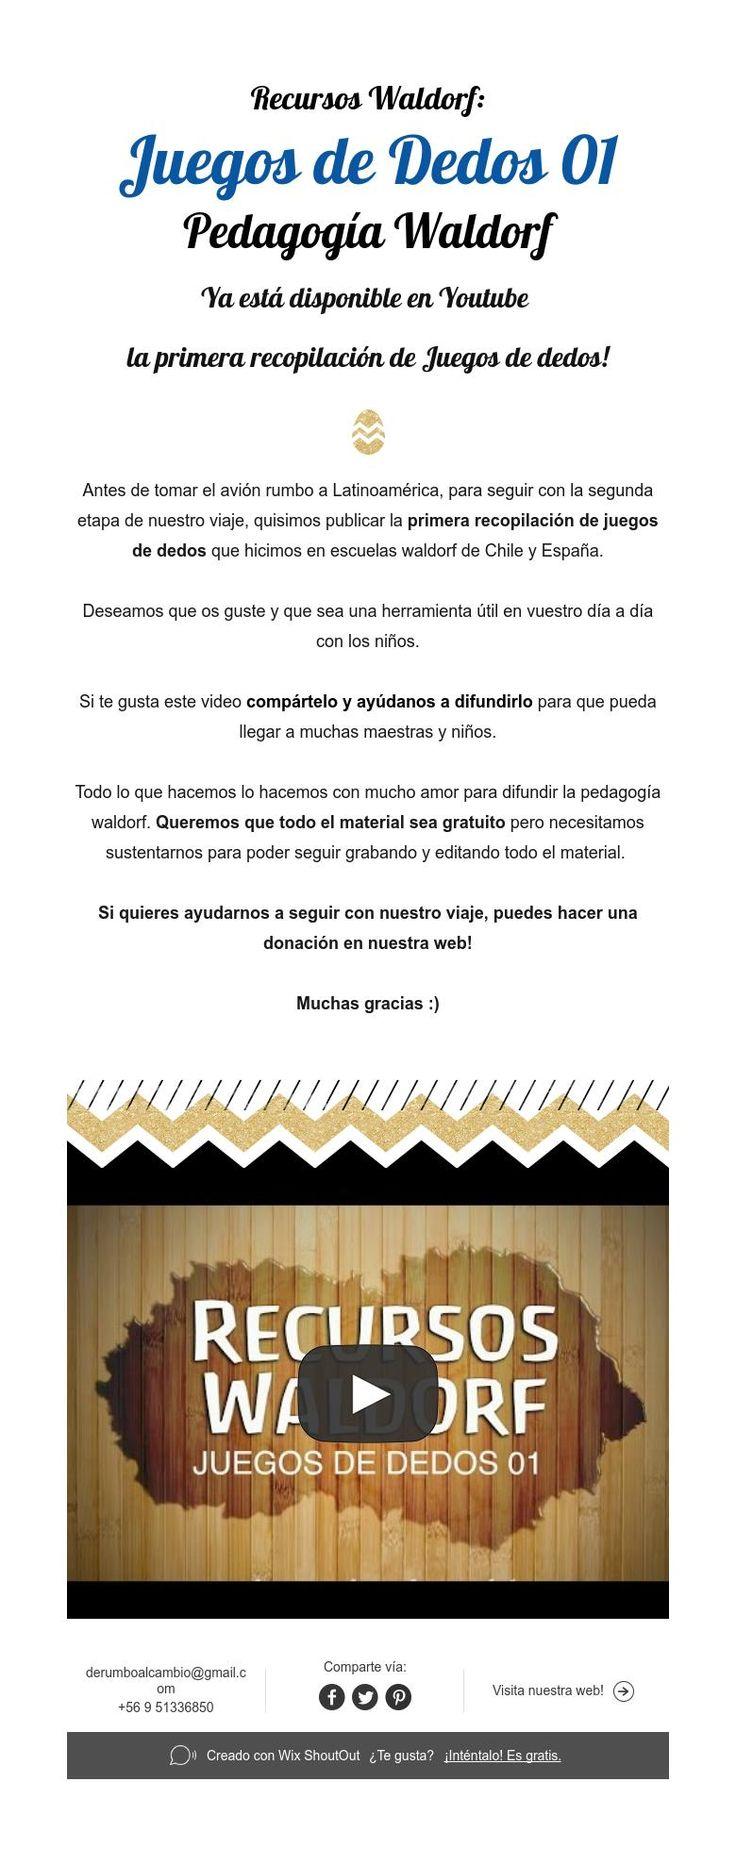 Recursos Waldorf:  Juegos de Dedos 01  Pedagogía Waldorf  Ya está disponible en Youtube  la primera recopilación de Juegos de dedos!